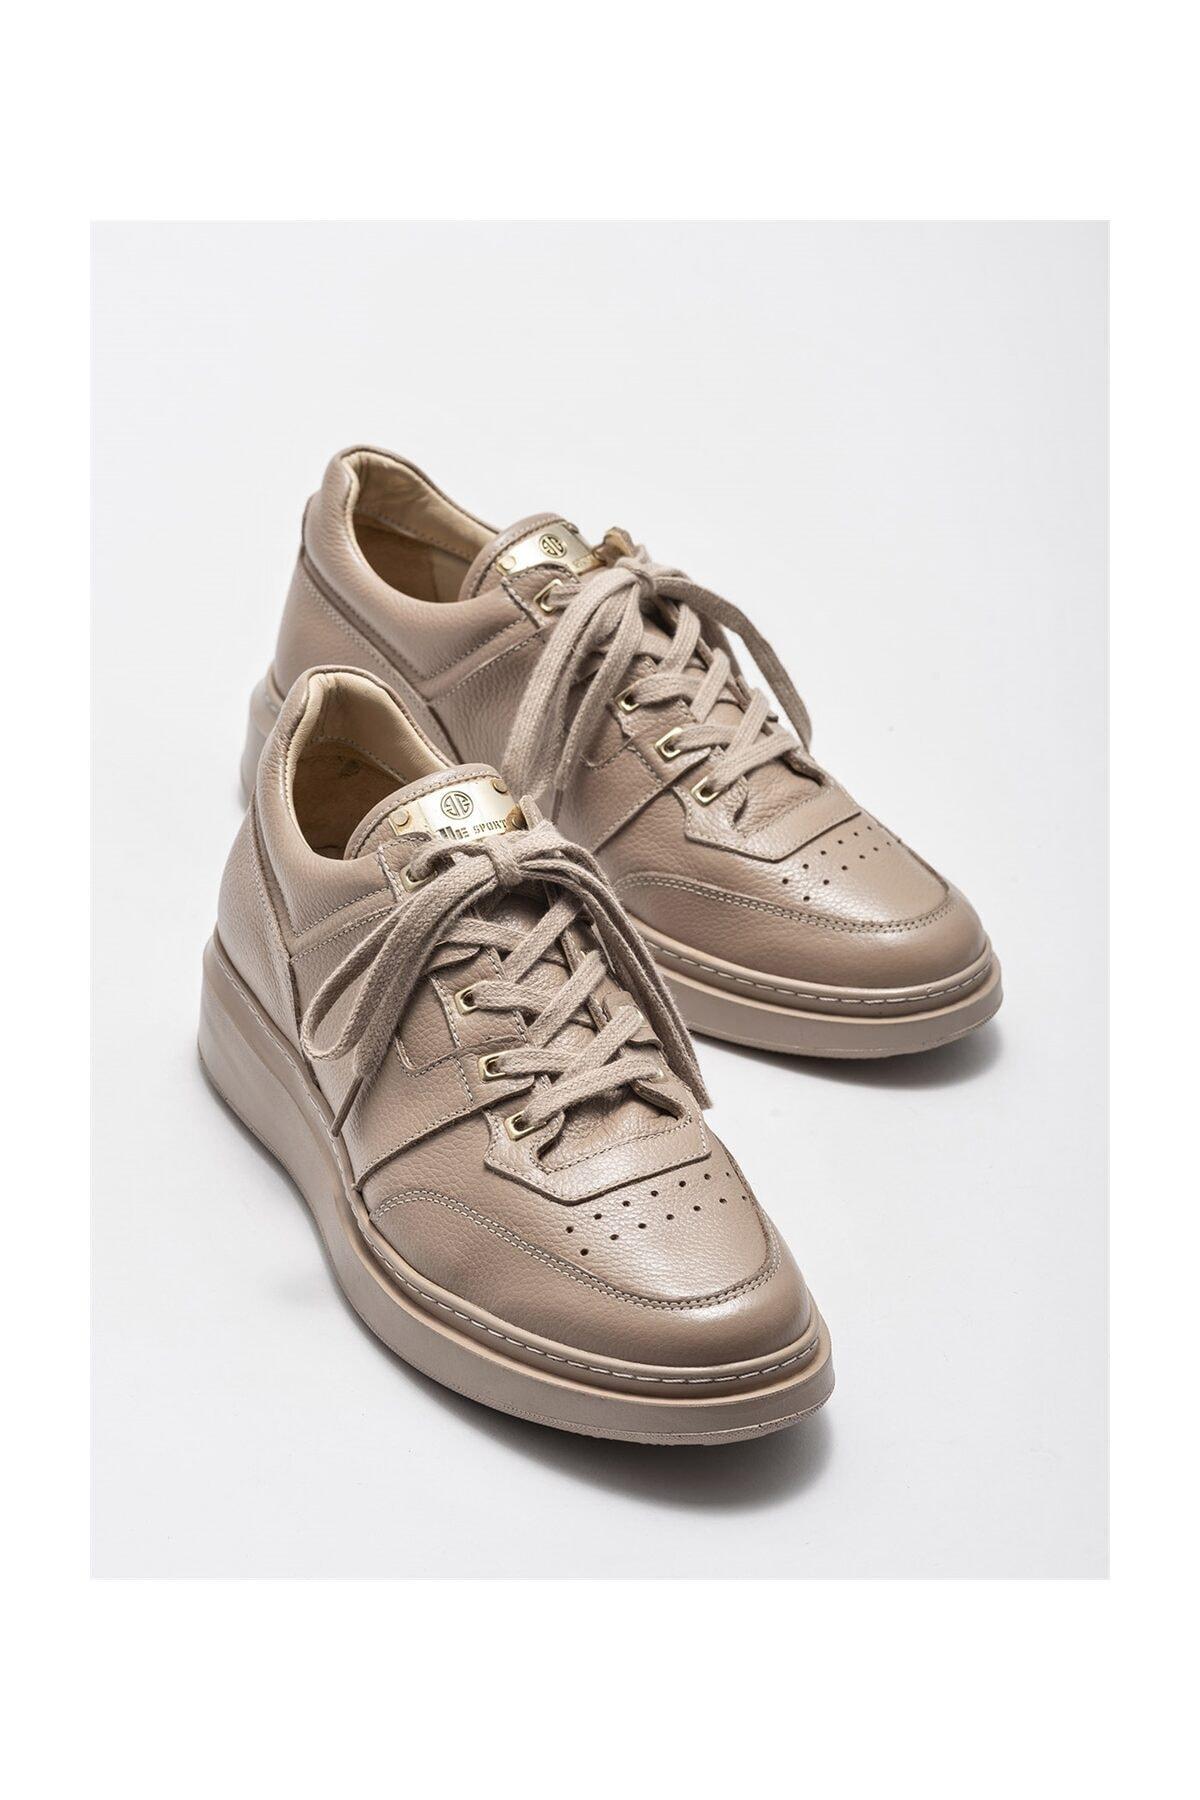 Elle Shoes Bej Deri Erkek Spor Ayakkabı 2